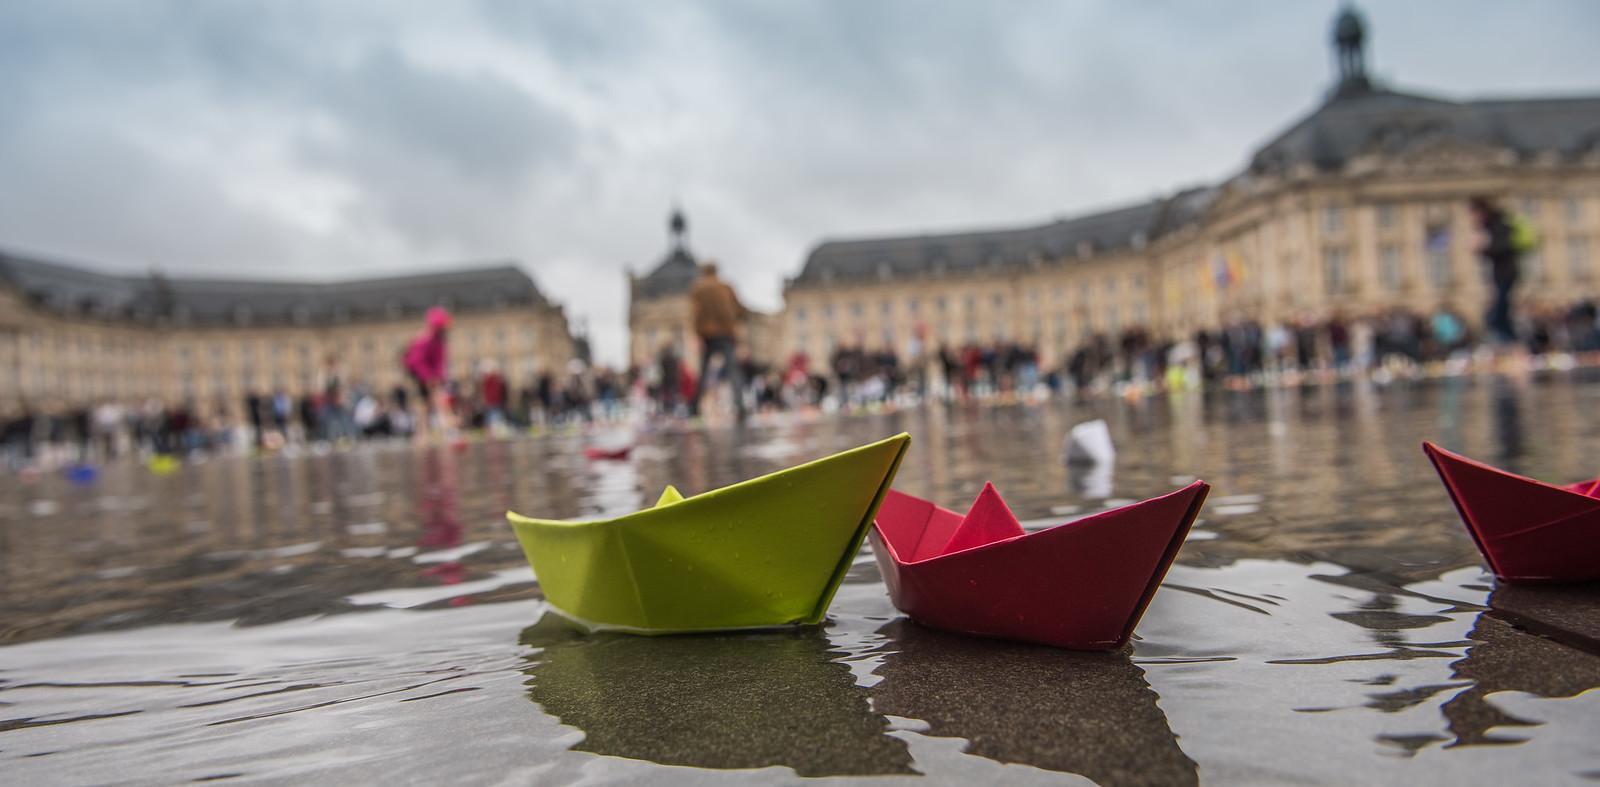 Le miroir magique bordeaux f te le fleuve 2017 flickr for Le miroir magique